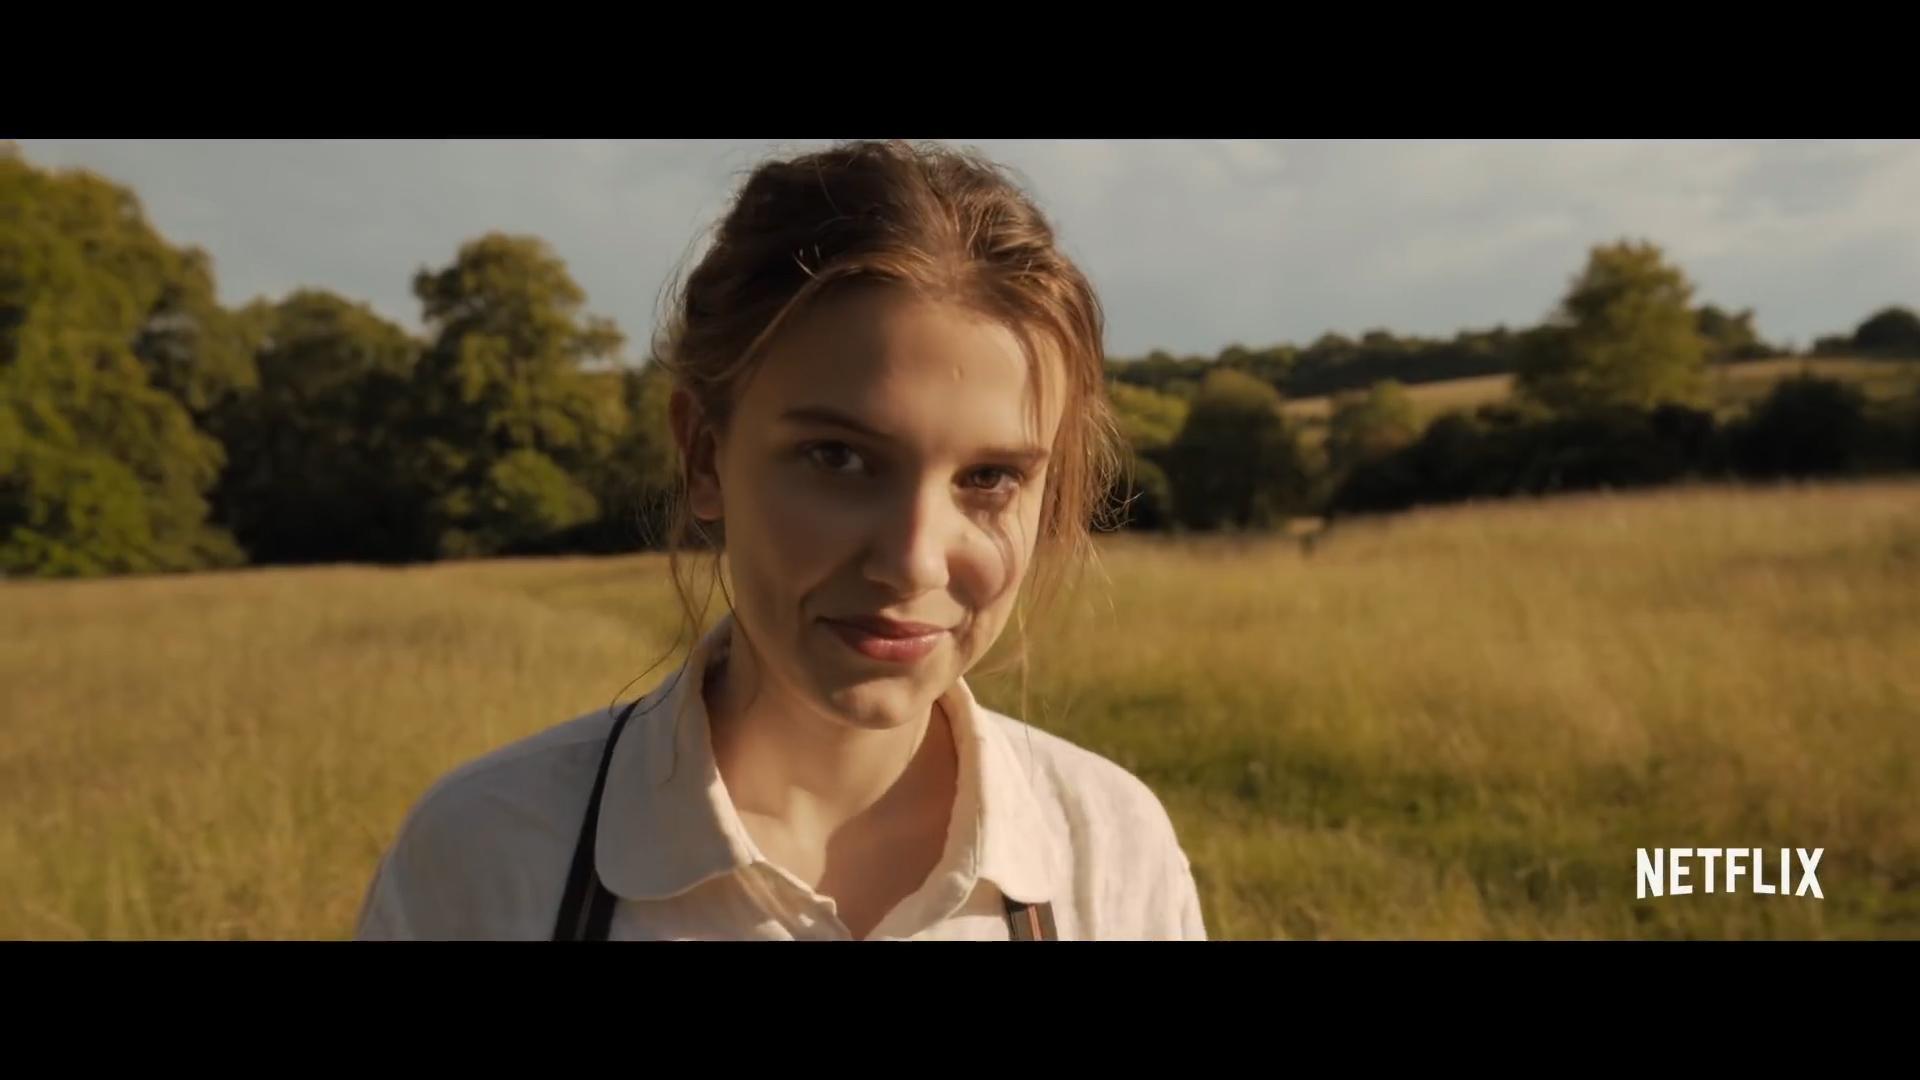 [2] Enola Holmes - Official Trailer